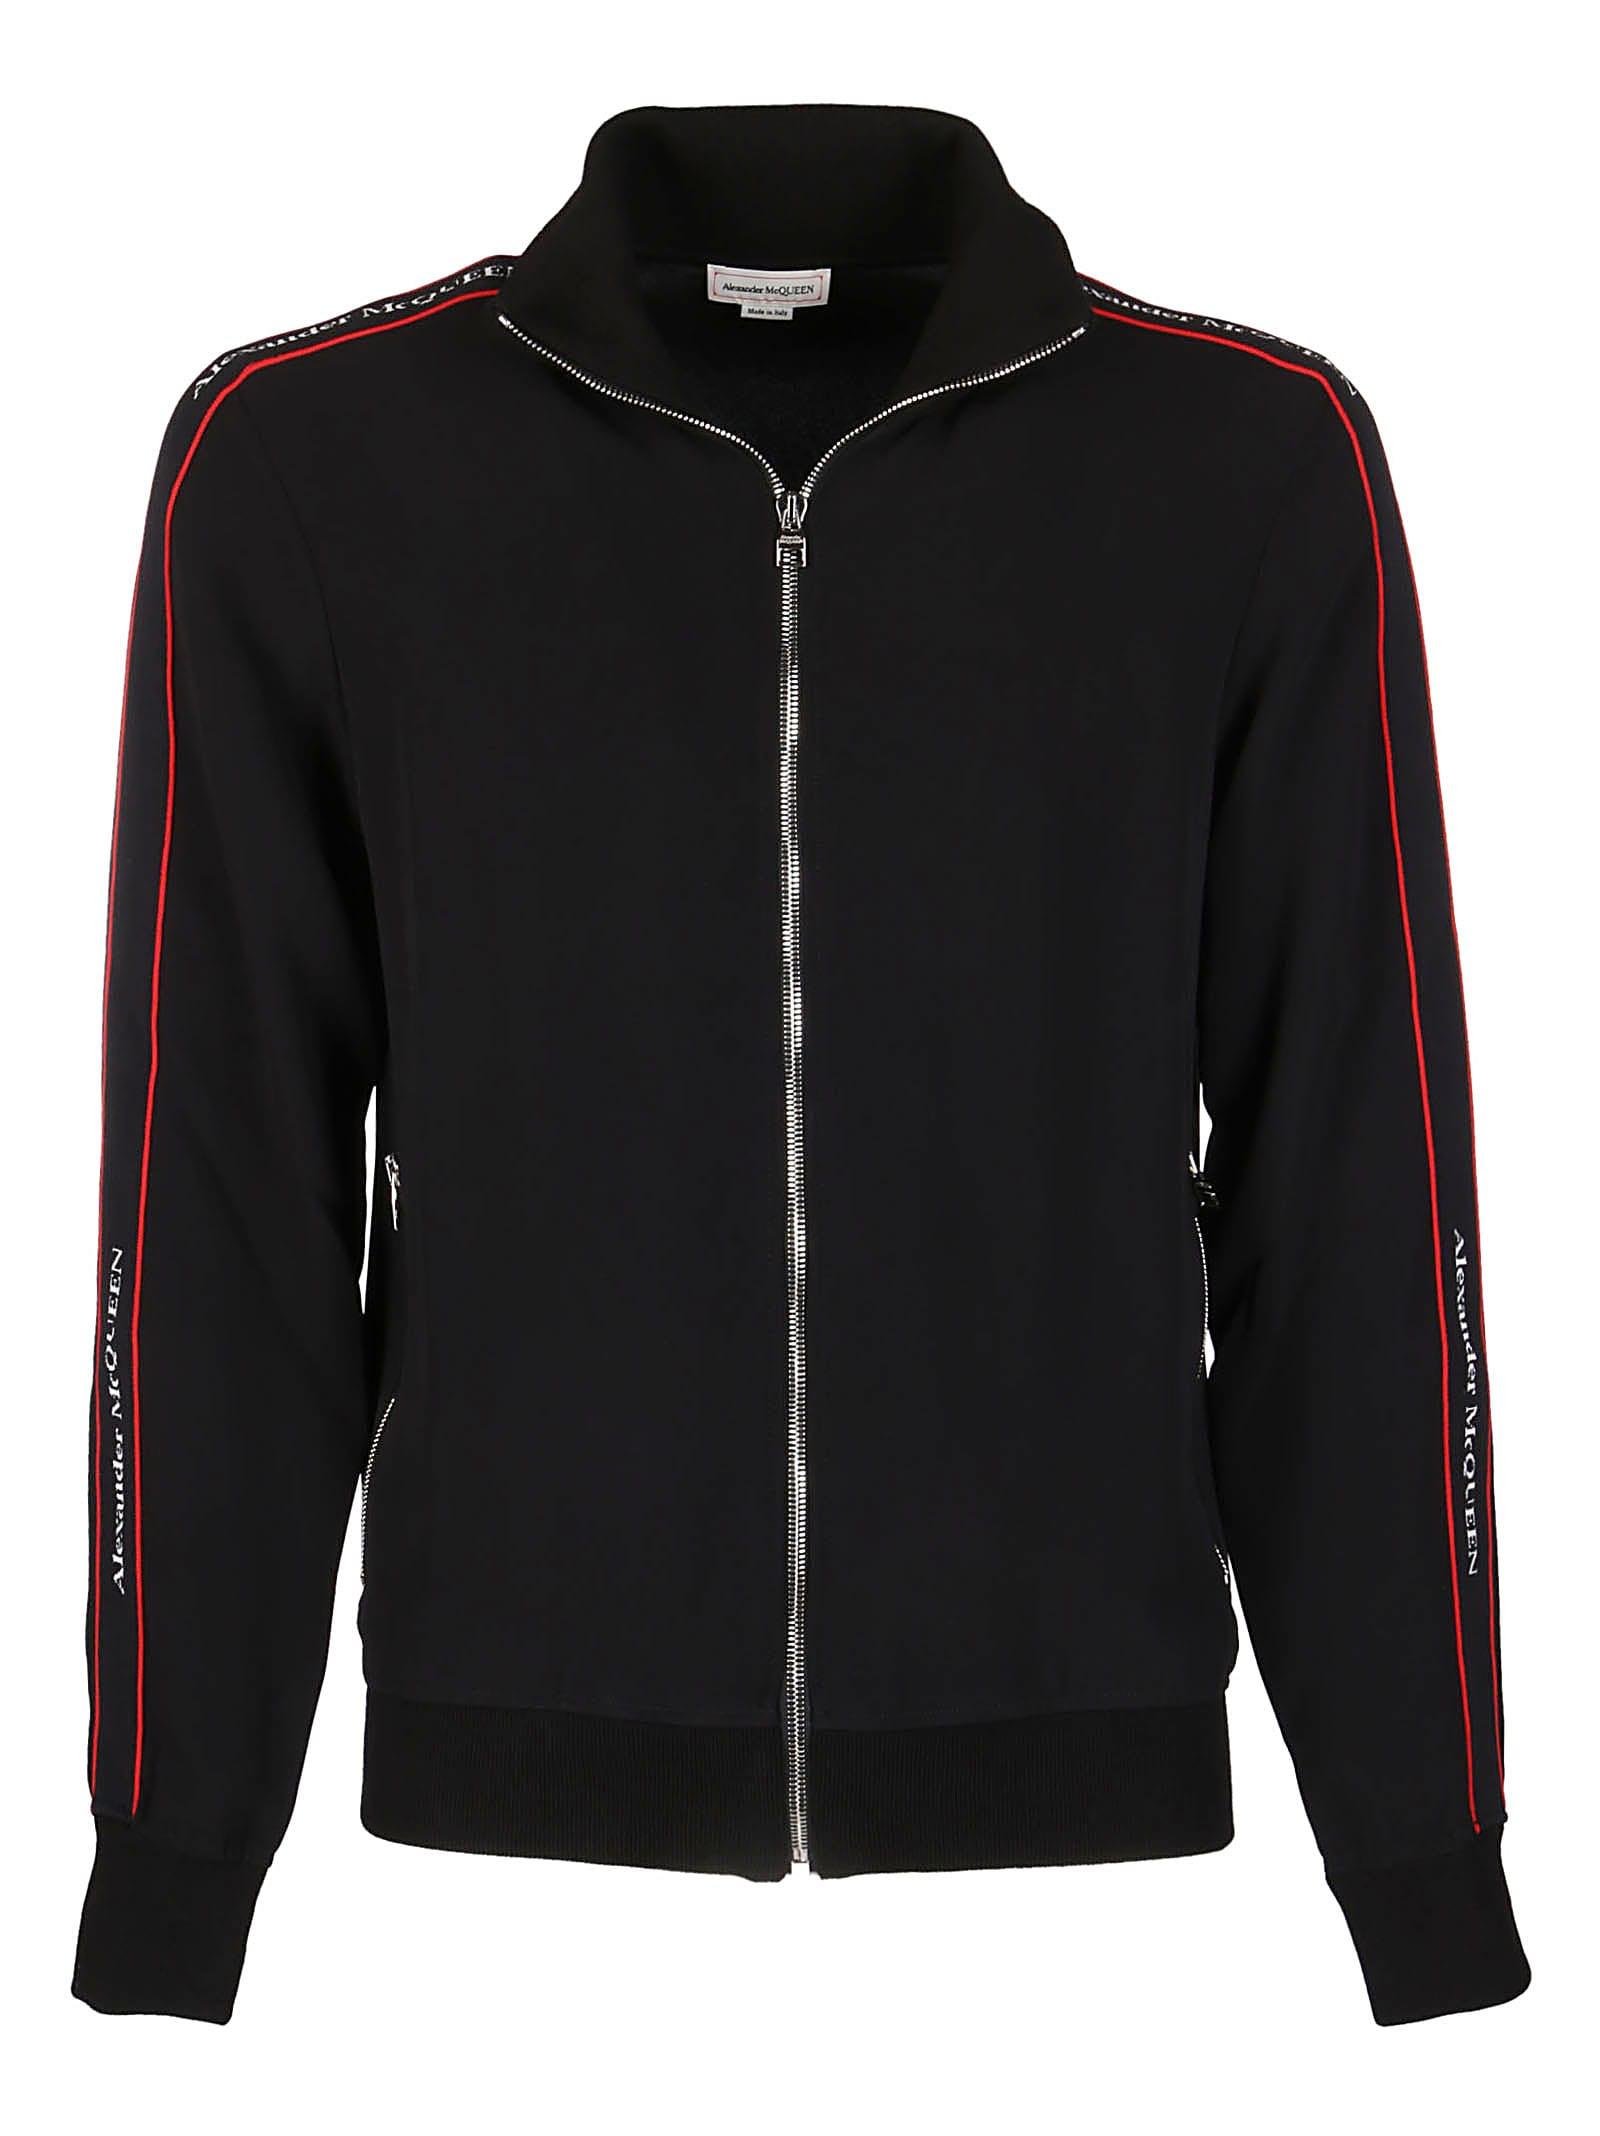 Alexander McQueen Black Viscose Sweatshirt